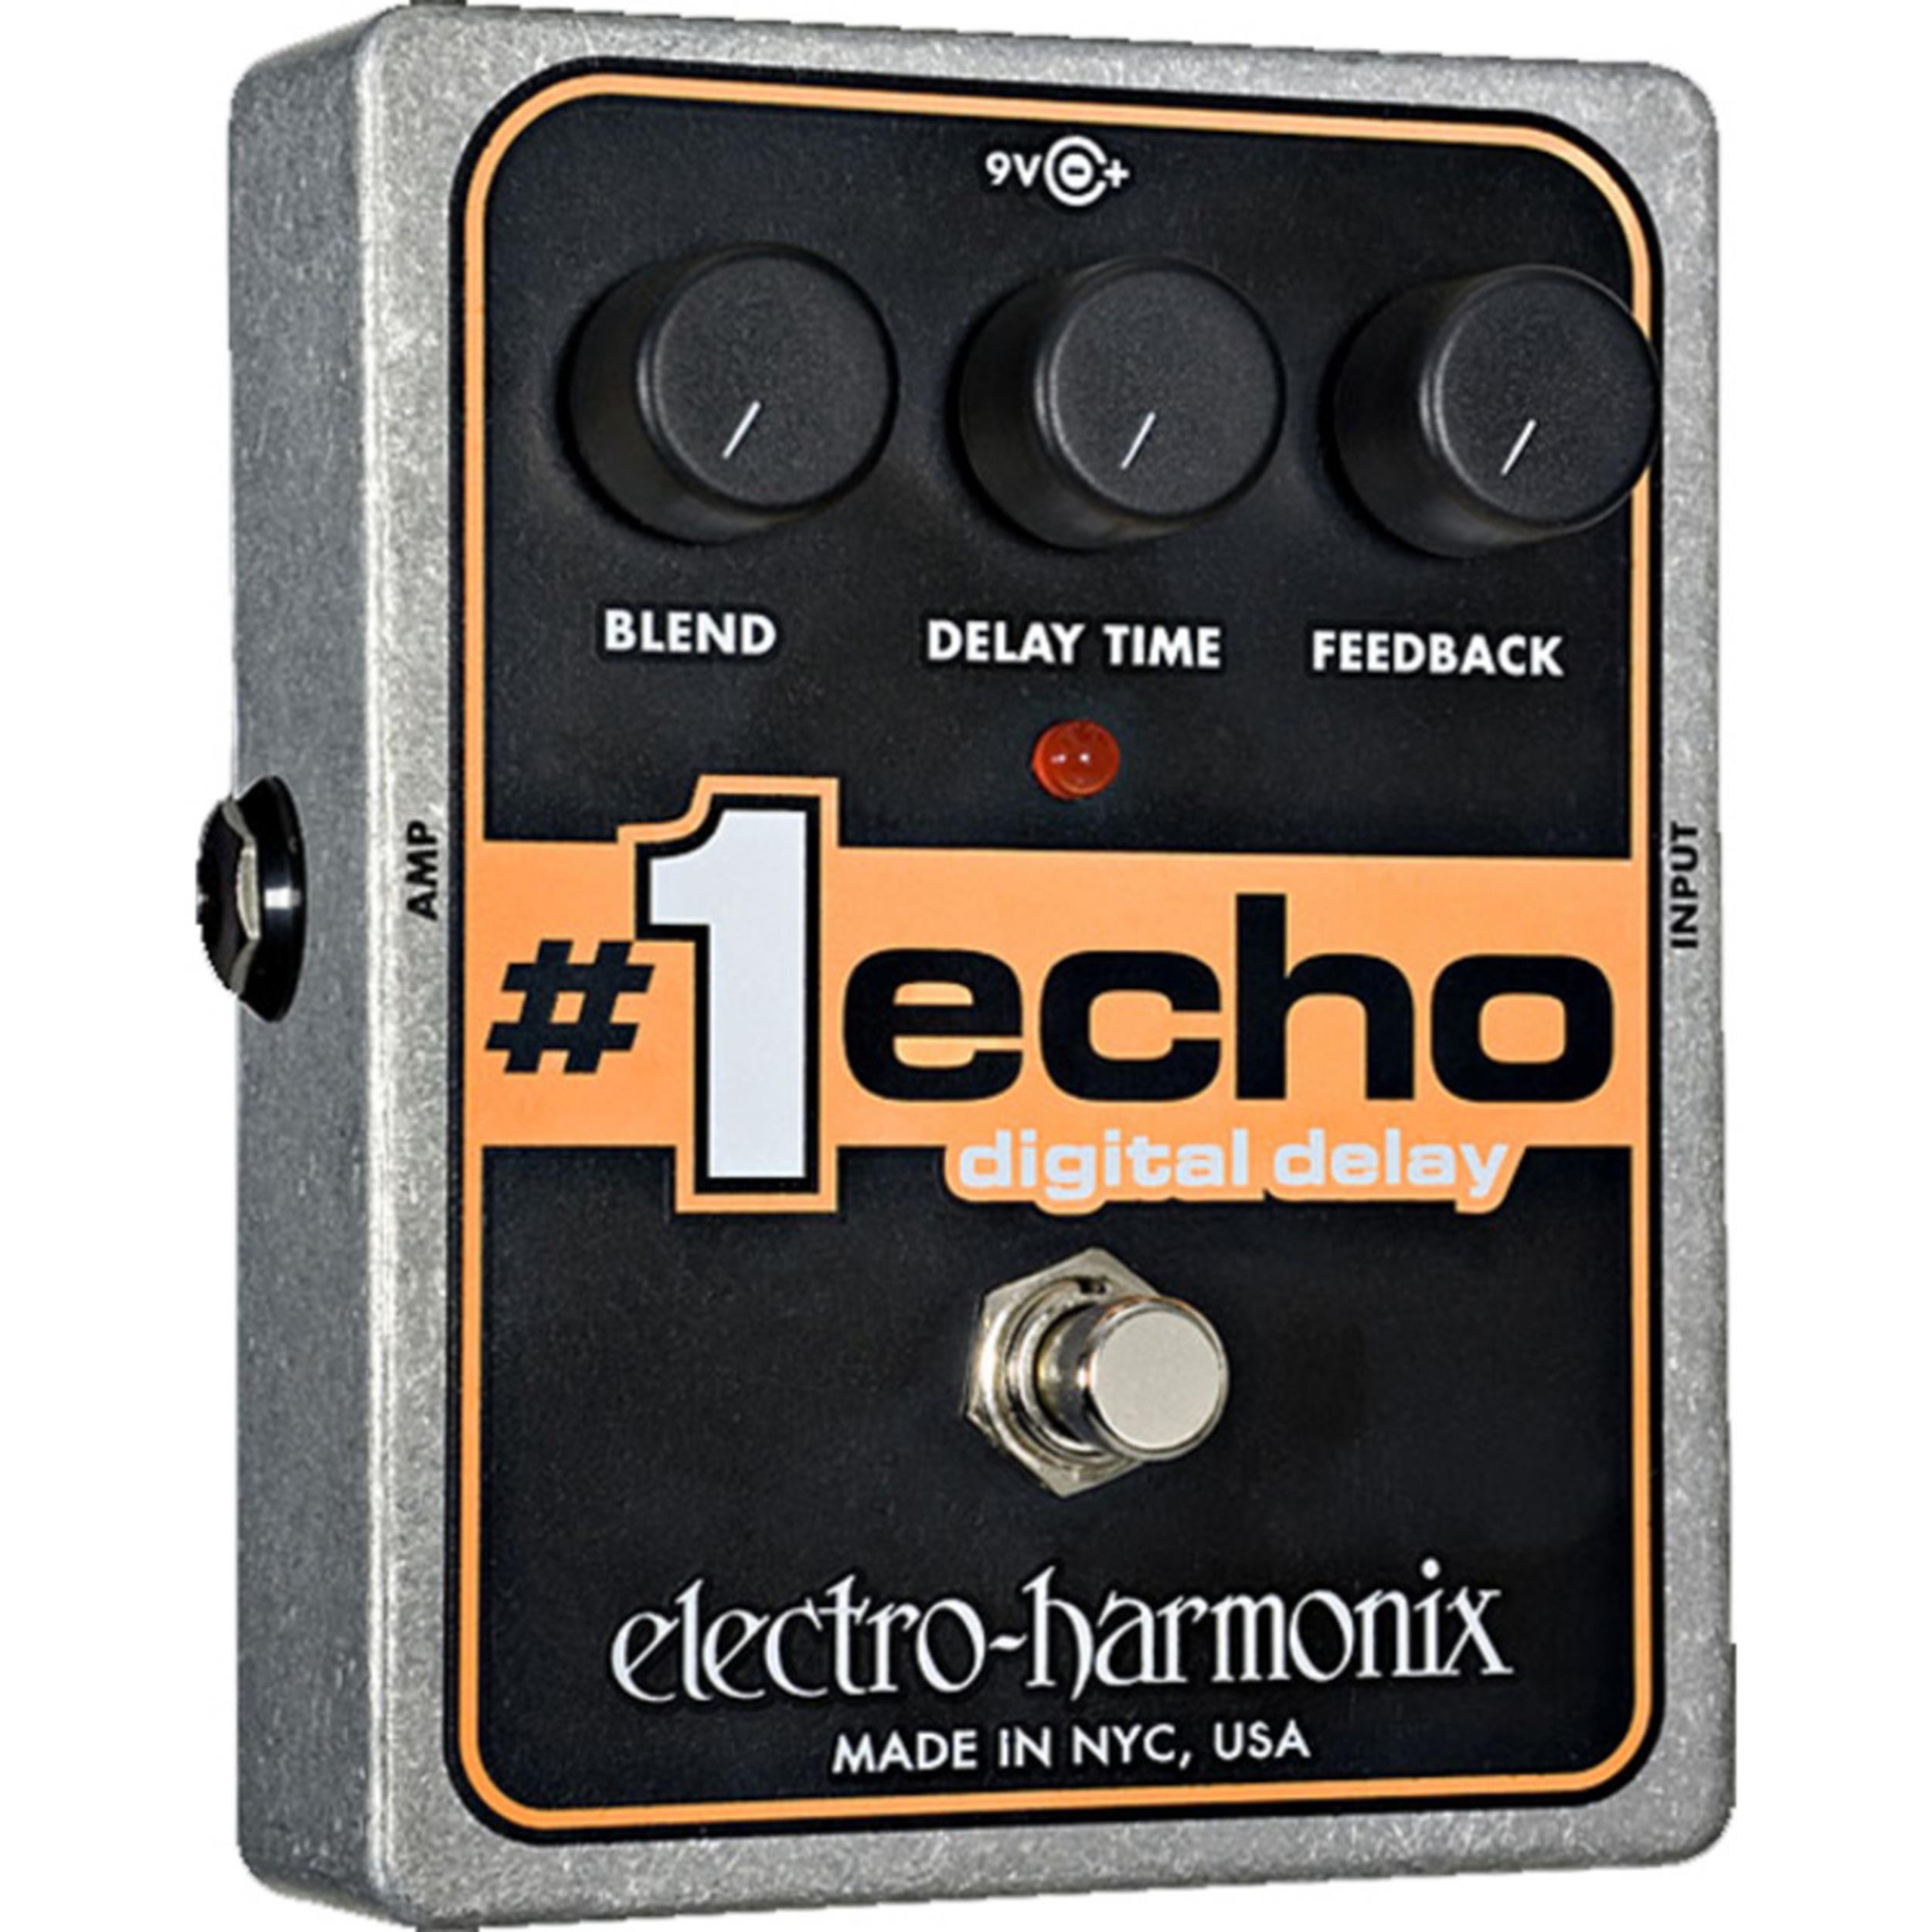 ELECTRO-HARMONIX-1-ECHO-DELAY-sku-1224